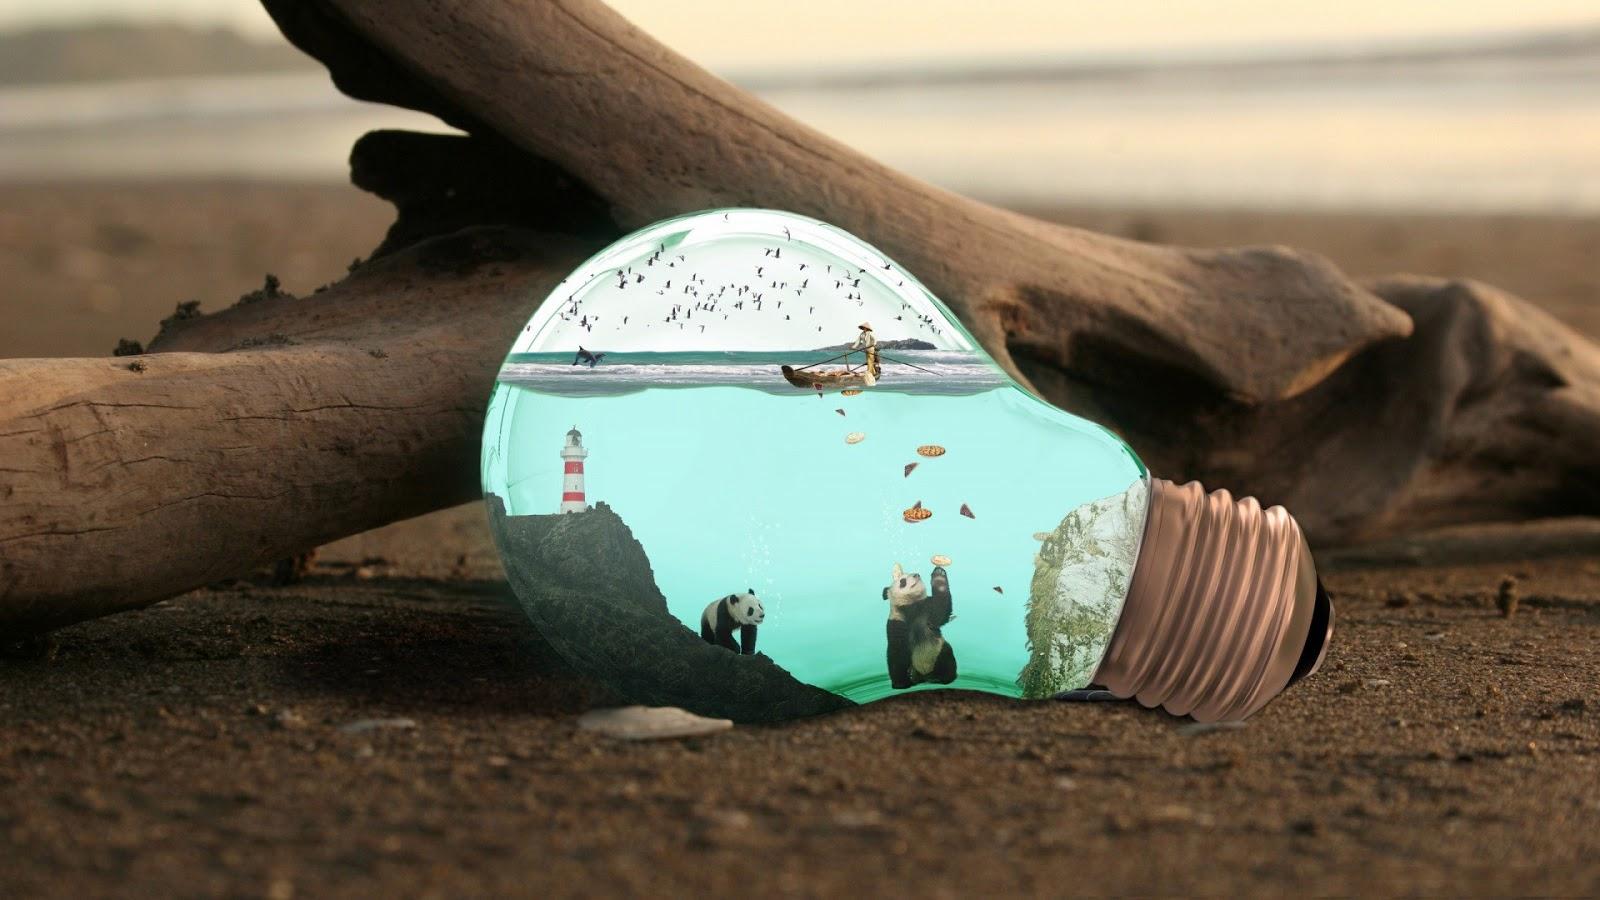 Sfondo desktop hd lampadina i pi scaricati sfondi hd for Immagini per desktop natura